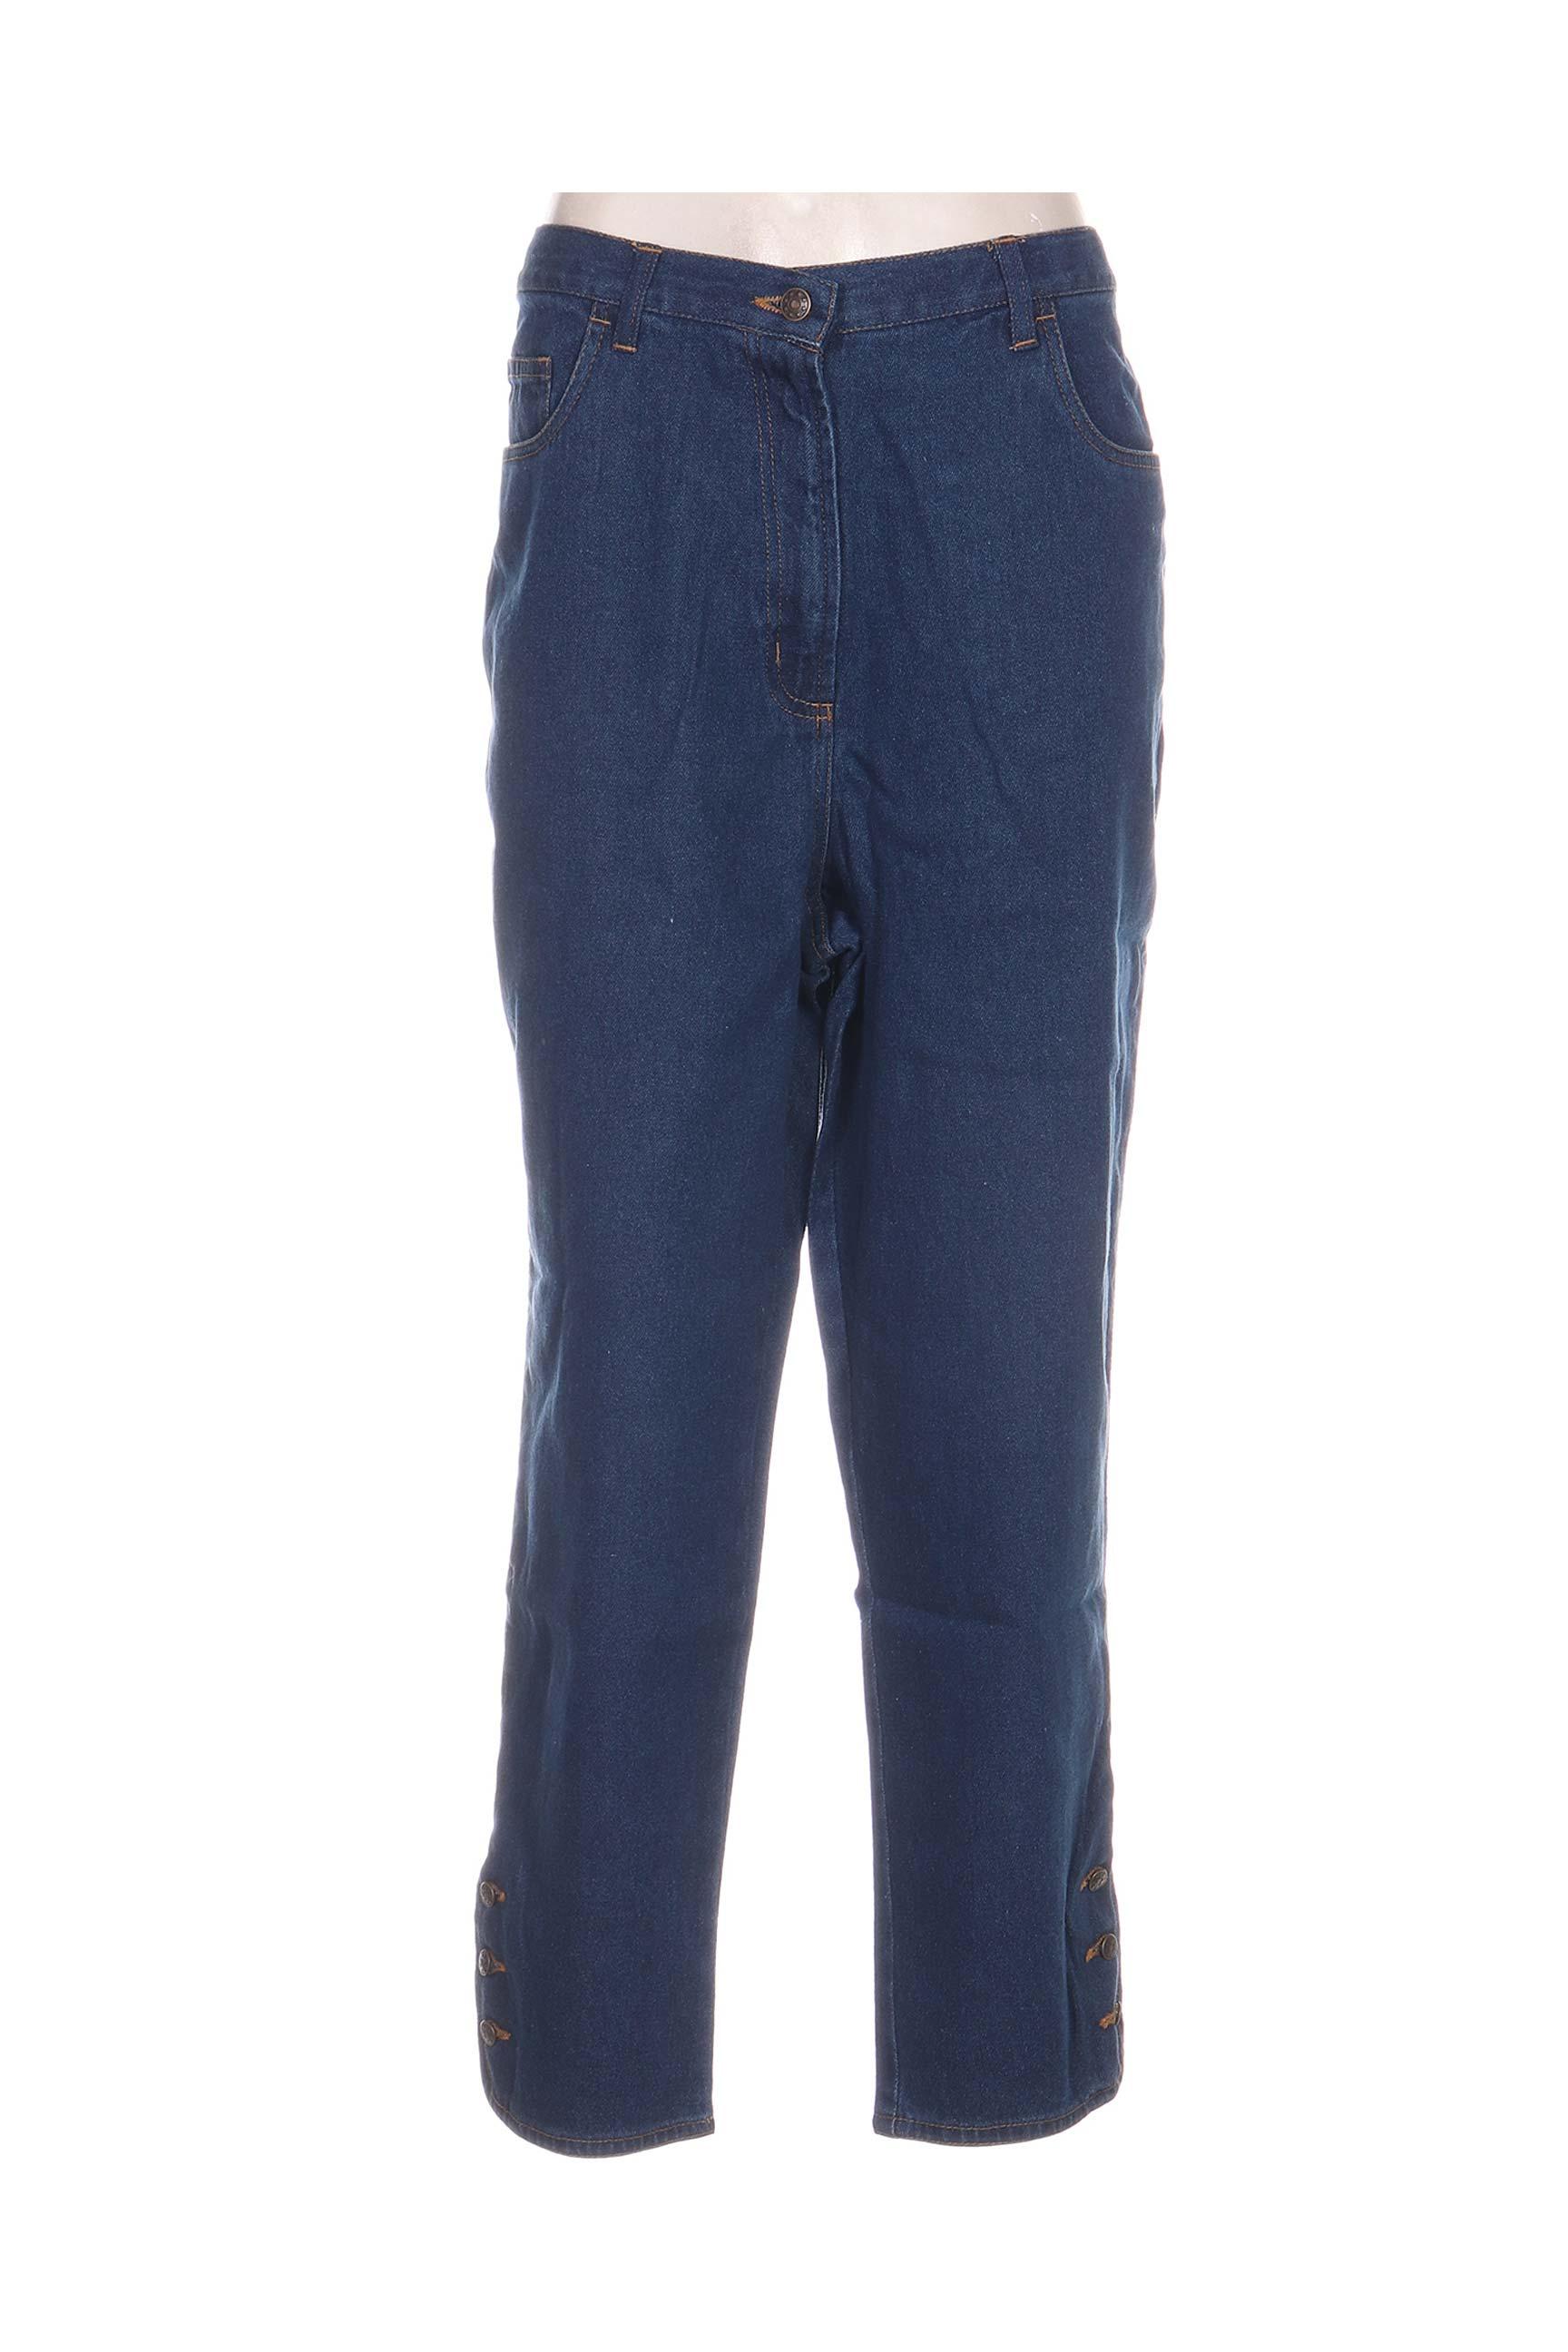 Blancheporte Jeans Coupe Droite Femme De Couleur Bleu En Soldes Pas Cher 1145365-bleu00 - Modz